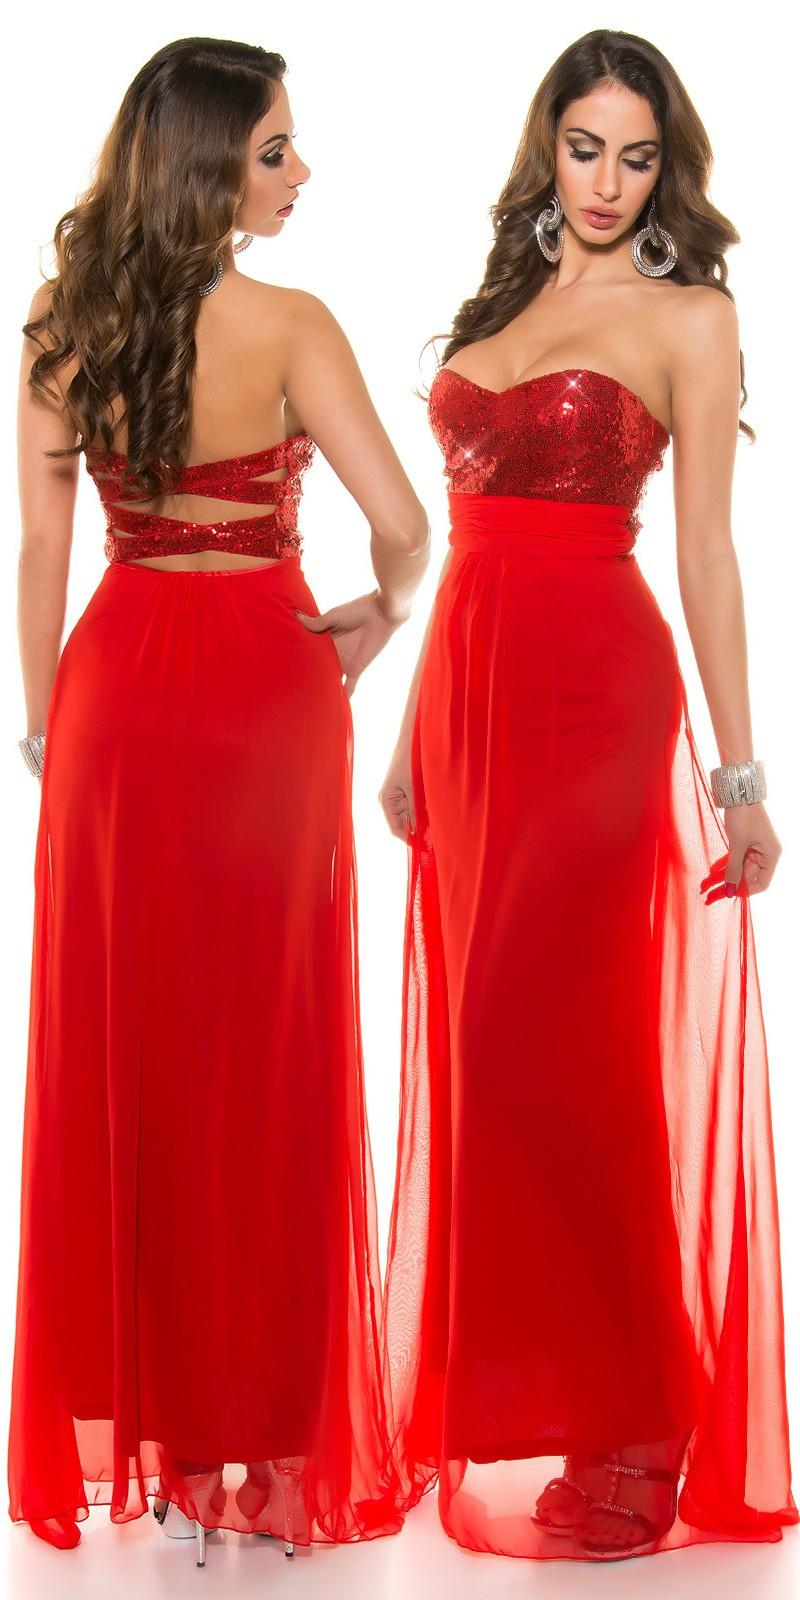 Večerní společenské plesové šaty Koucla červené